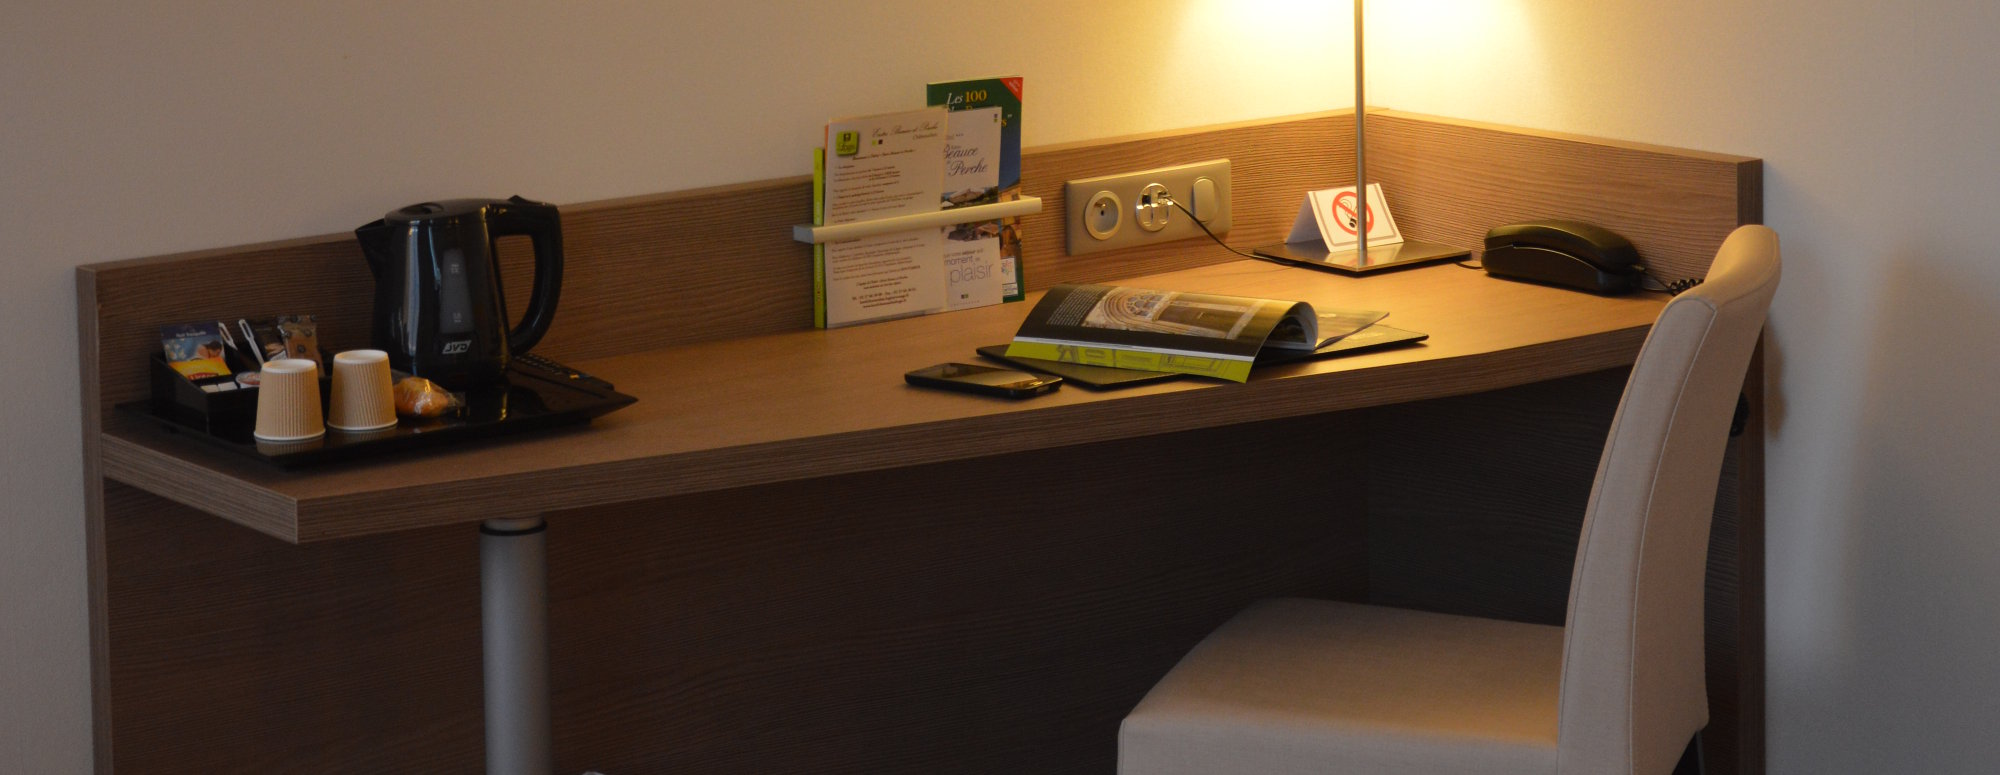 Bureau chambre confort hôtel